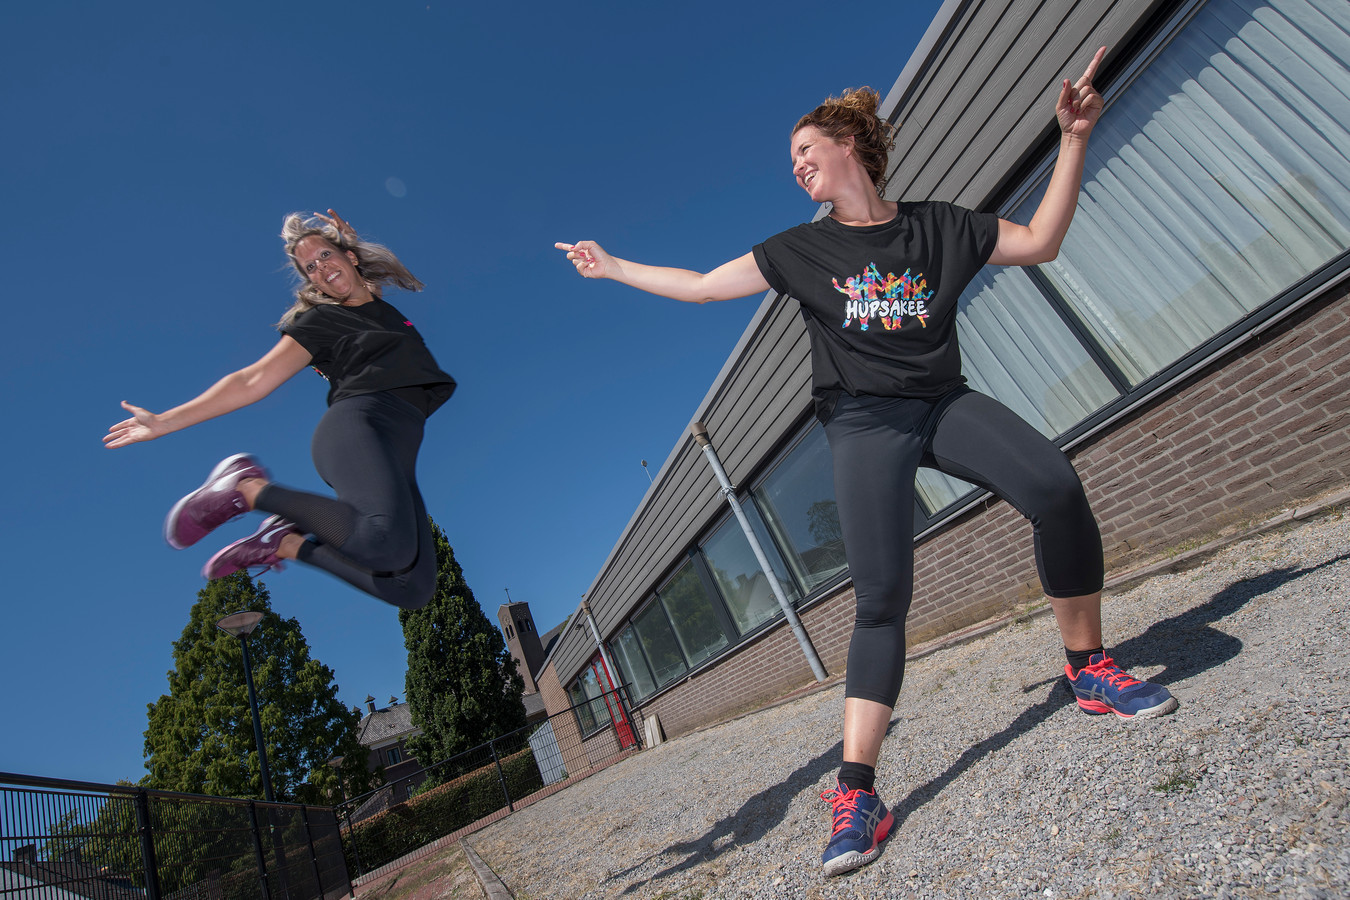 Sandra van Ree en Sanne Toebast beginnen in het dorpshuis van Wamel met dansschool Hupsakee.